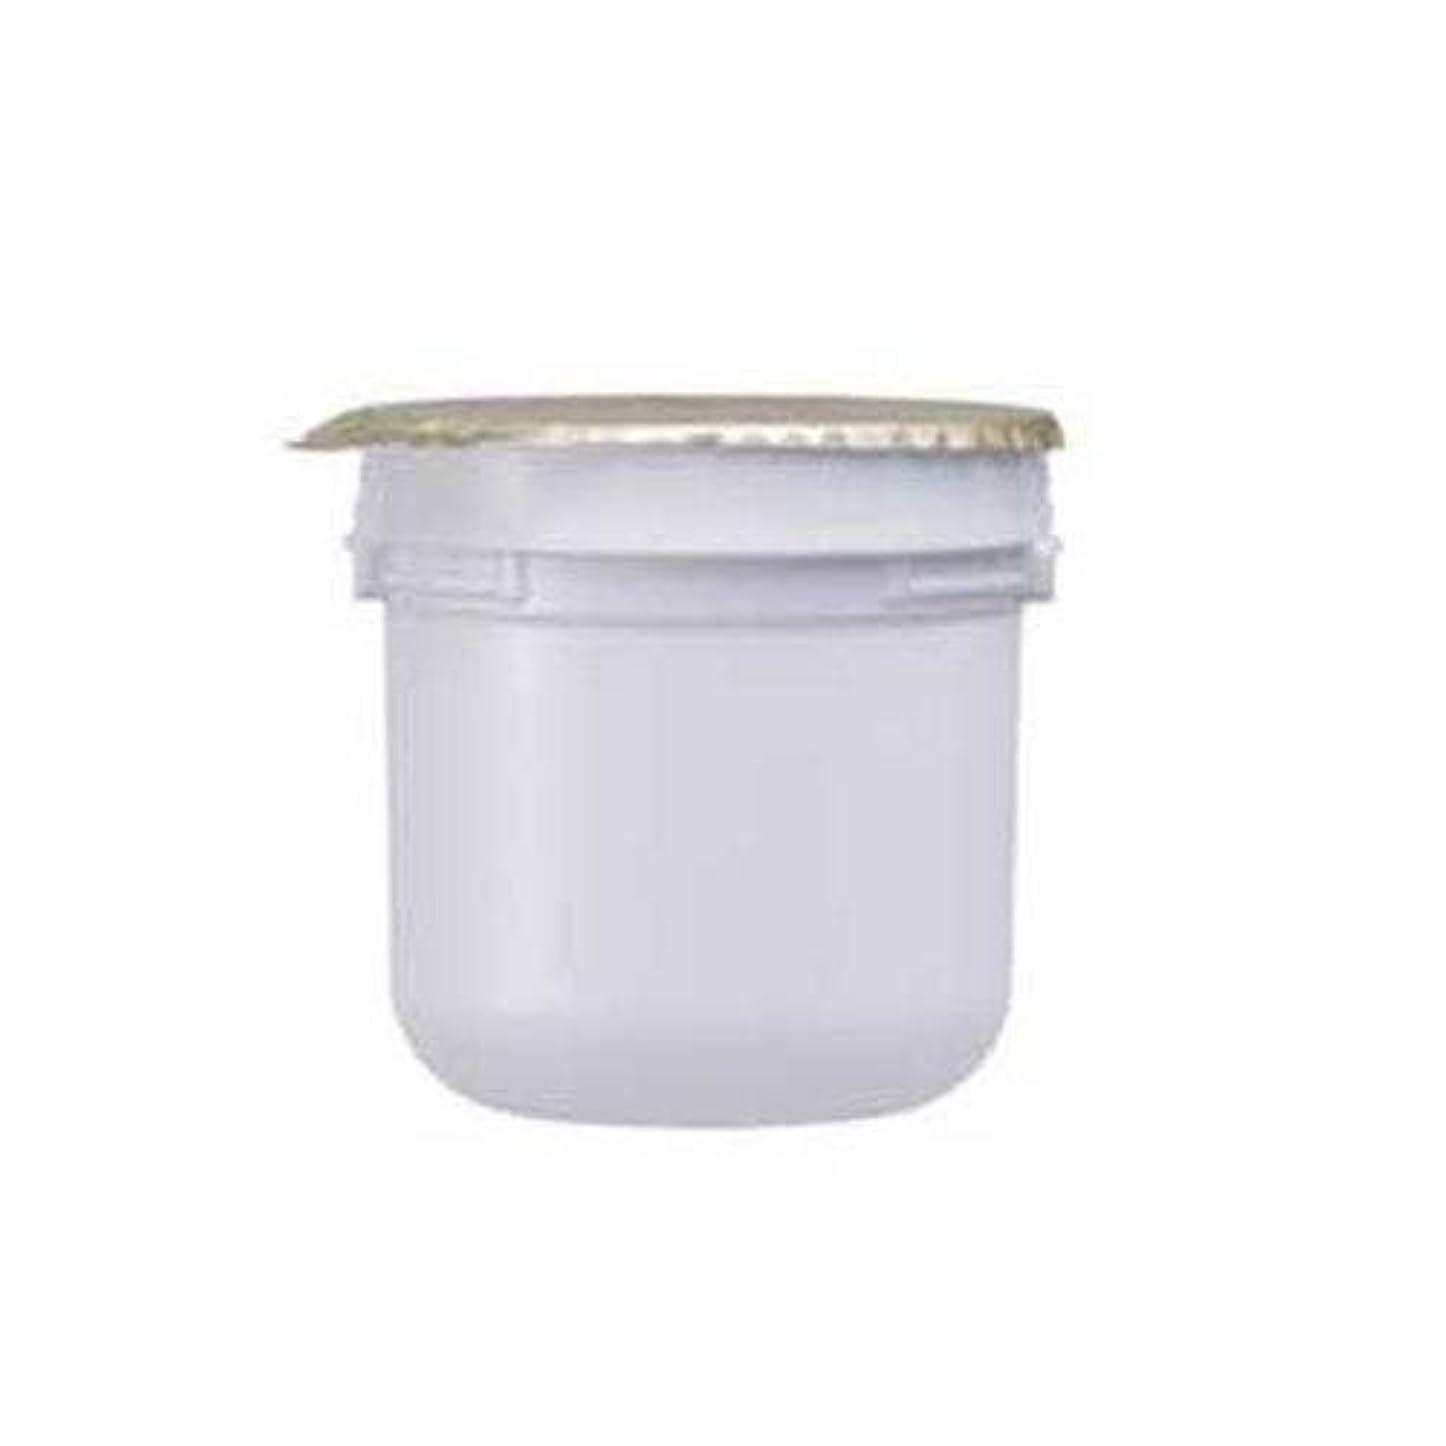 サーカス適用済みブルームアスタリフト ホワイト クリーム 30g レフィル